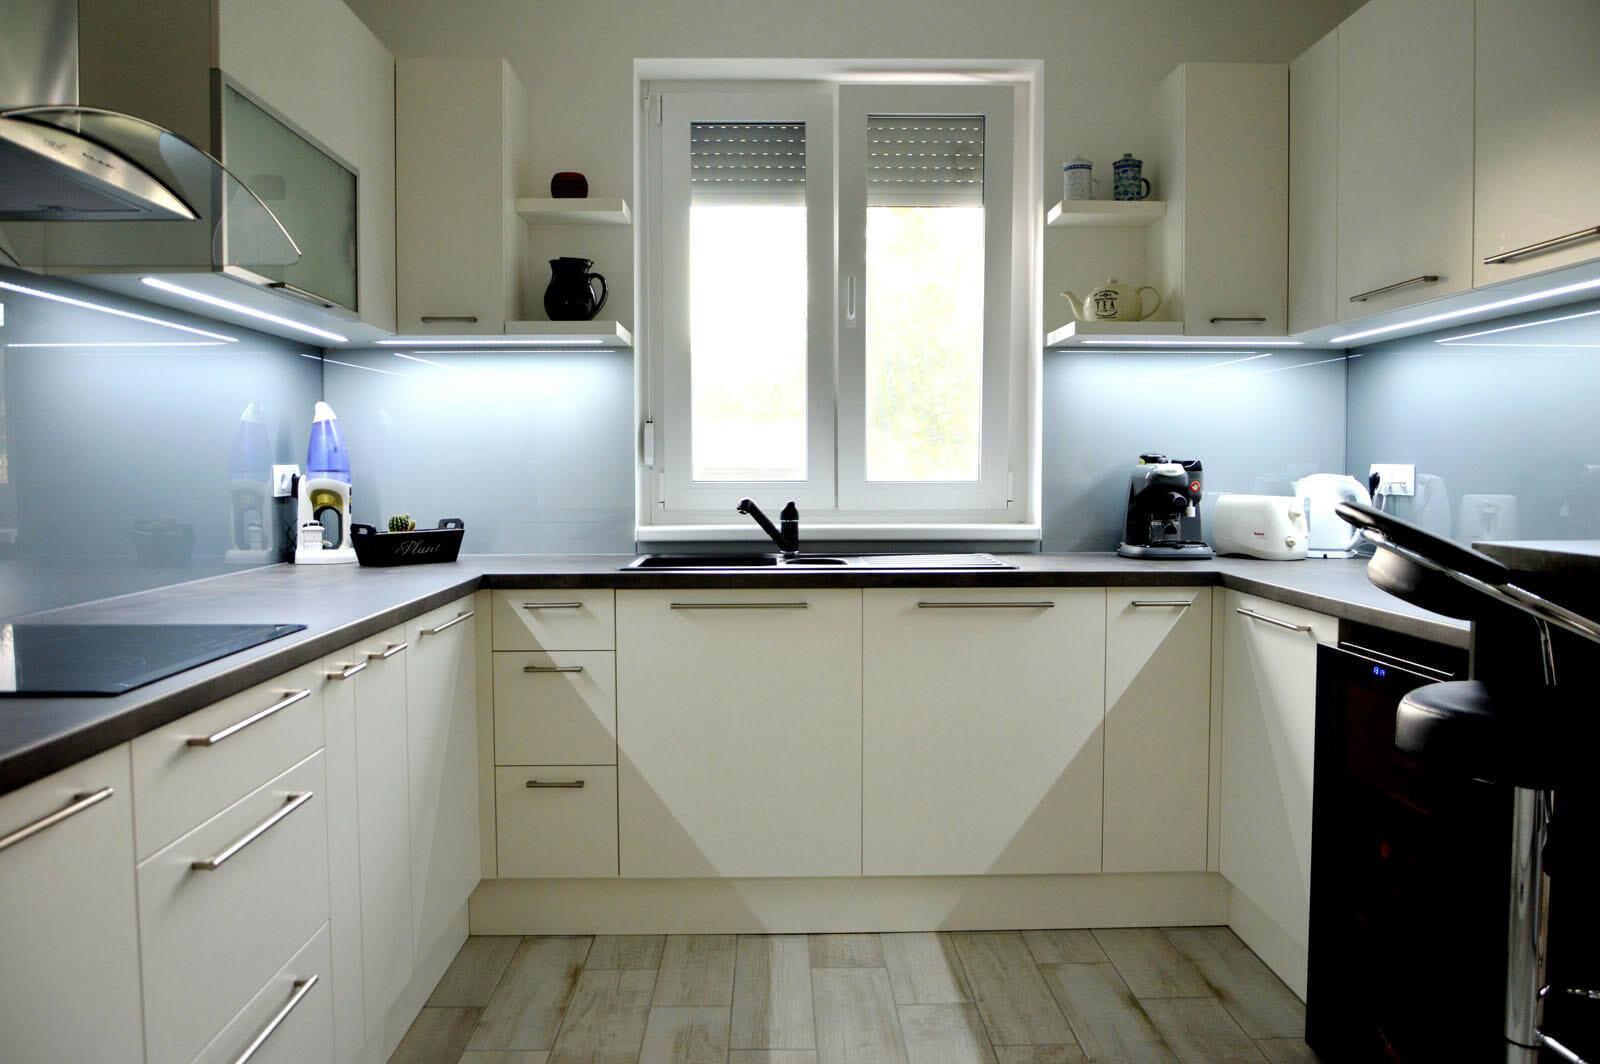 Modern - egyedi konyhabútor fehér - szürke színben, üveghátlappal, rejtett LED világítással, beépített mosogatógéppel, blum aventos HF felnyíló vasalattal